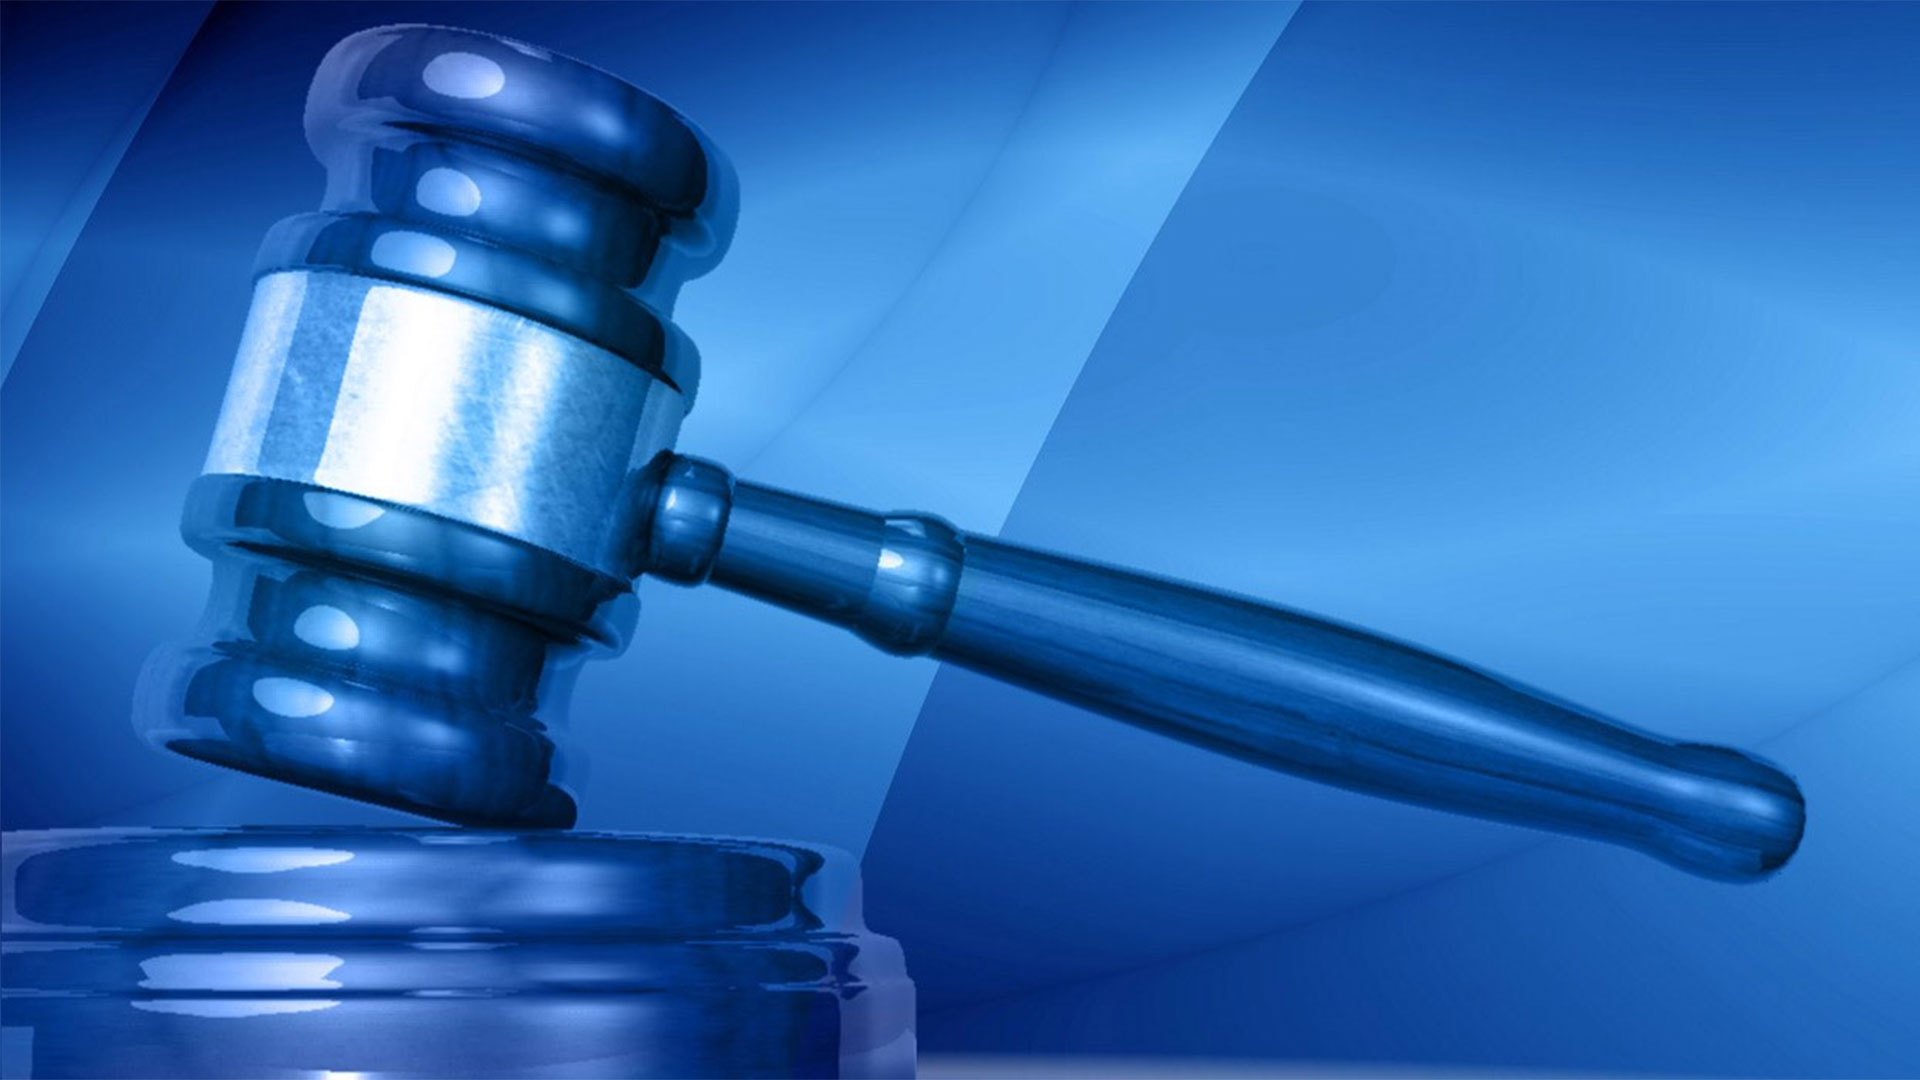 KELO gavel law court